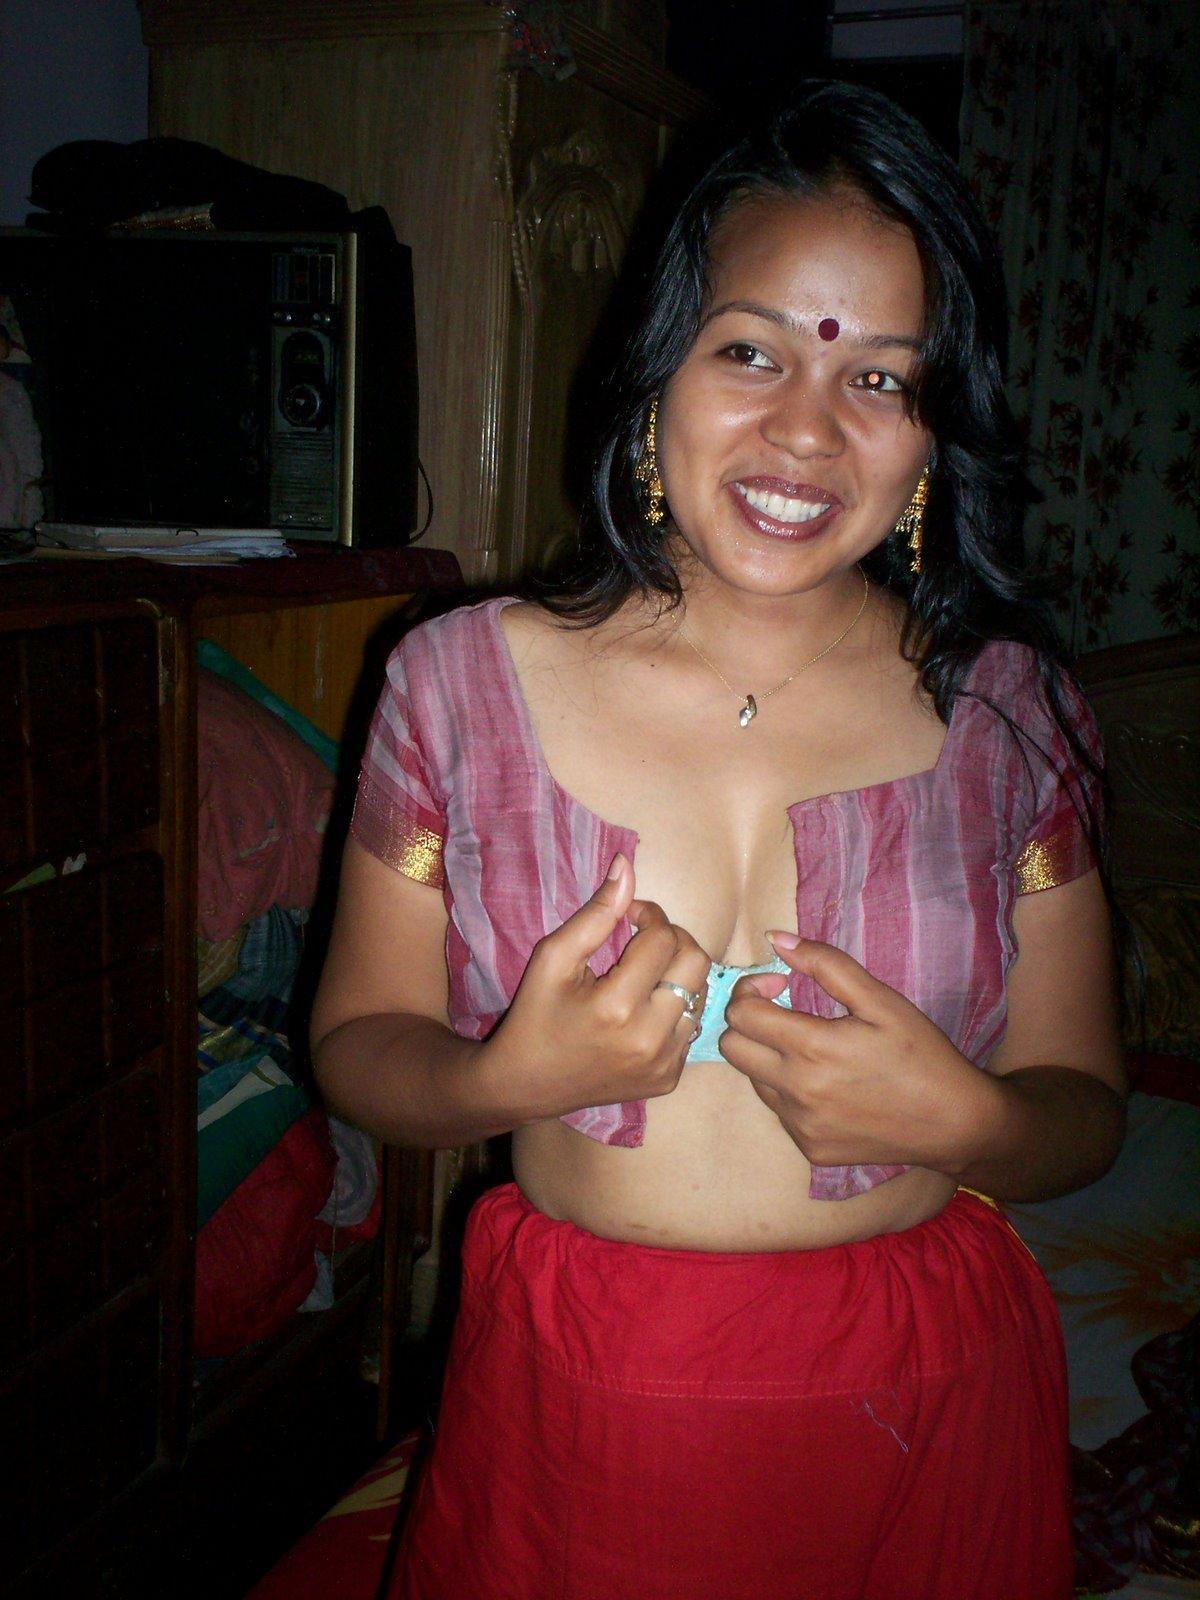 hot full nude nepalese girls photo